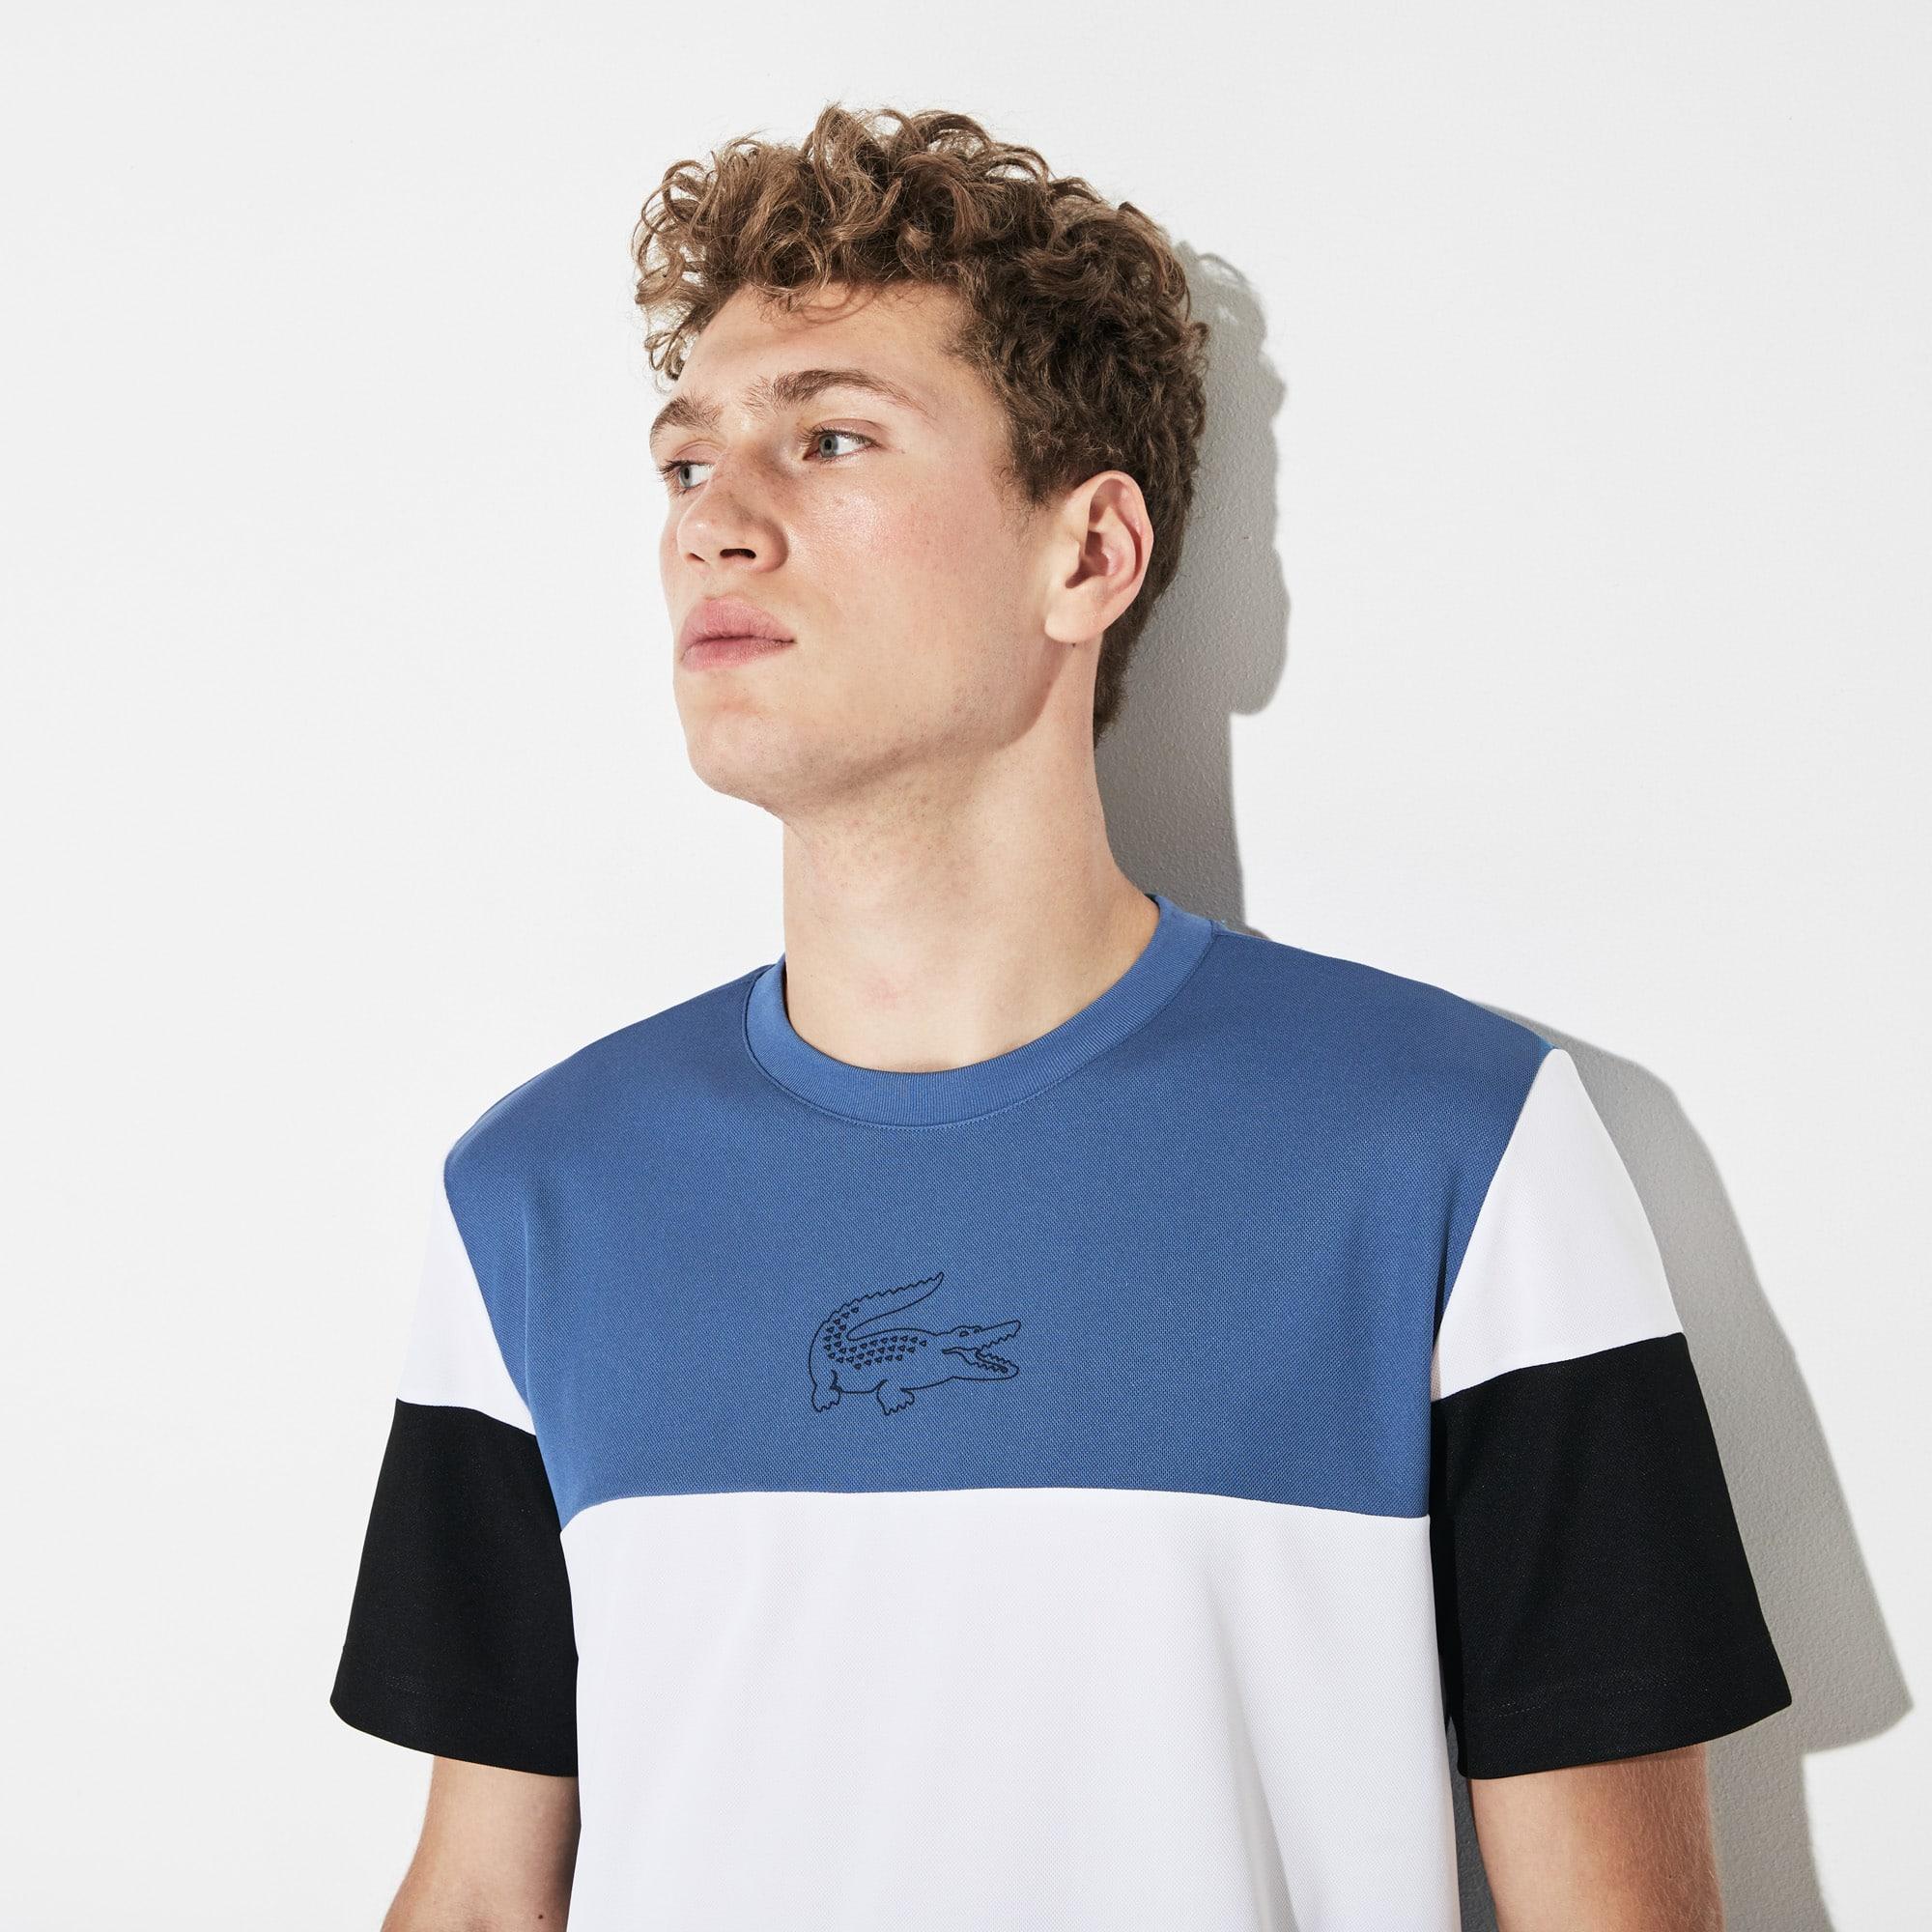 e69c87193 Men's T Shirts | Lacoste T Shirts | LACOSTE